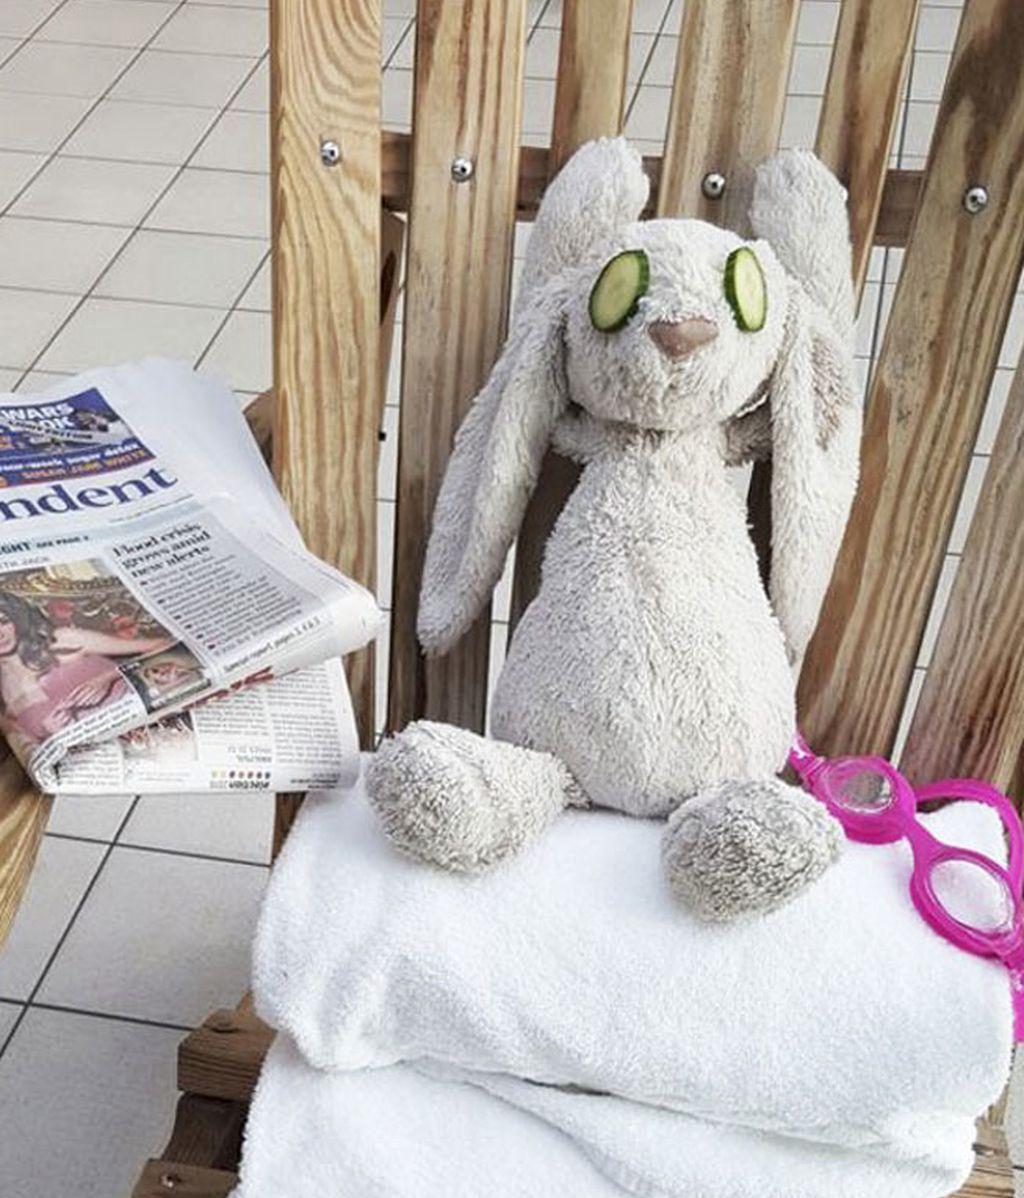 Un conejito de felpa es tratado como un VIP en un hotel después de que su dueña lo olvidara